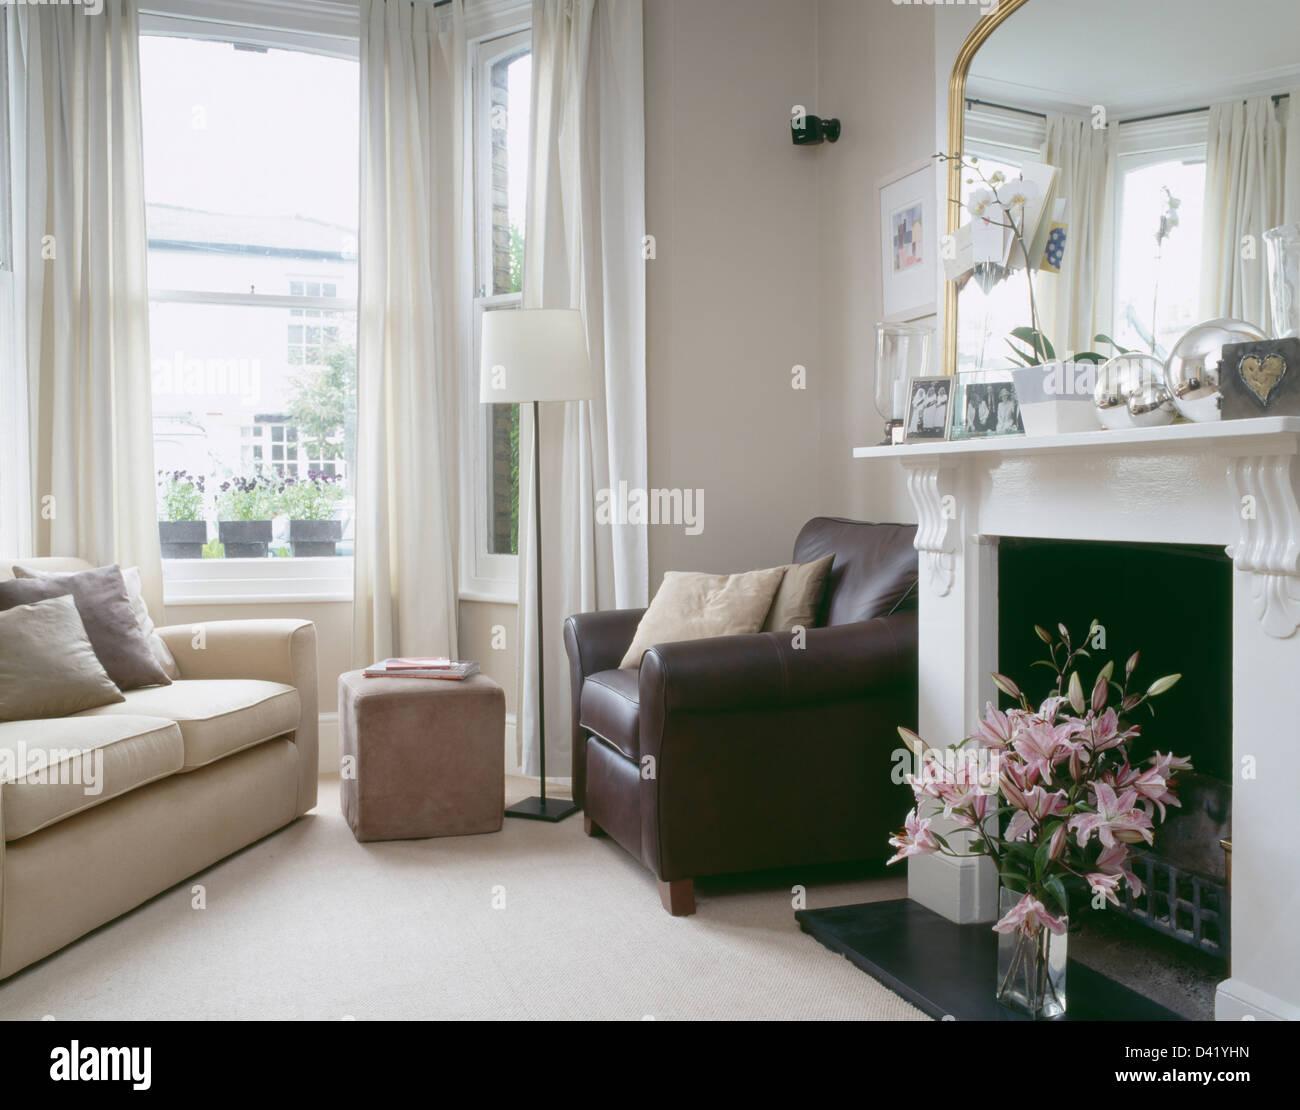 Braun Ledersessel Am Kamin Im Wohnzimmer Stadthaus Mit Sahne Sofa Neben  Fenster Mit Weißen Gardinen